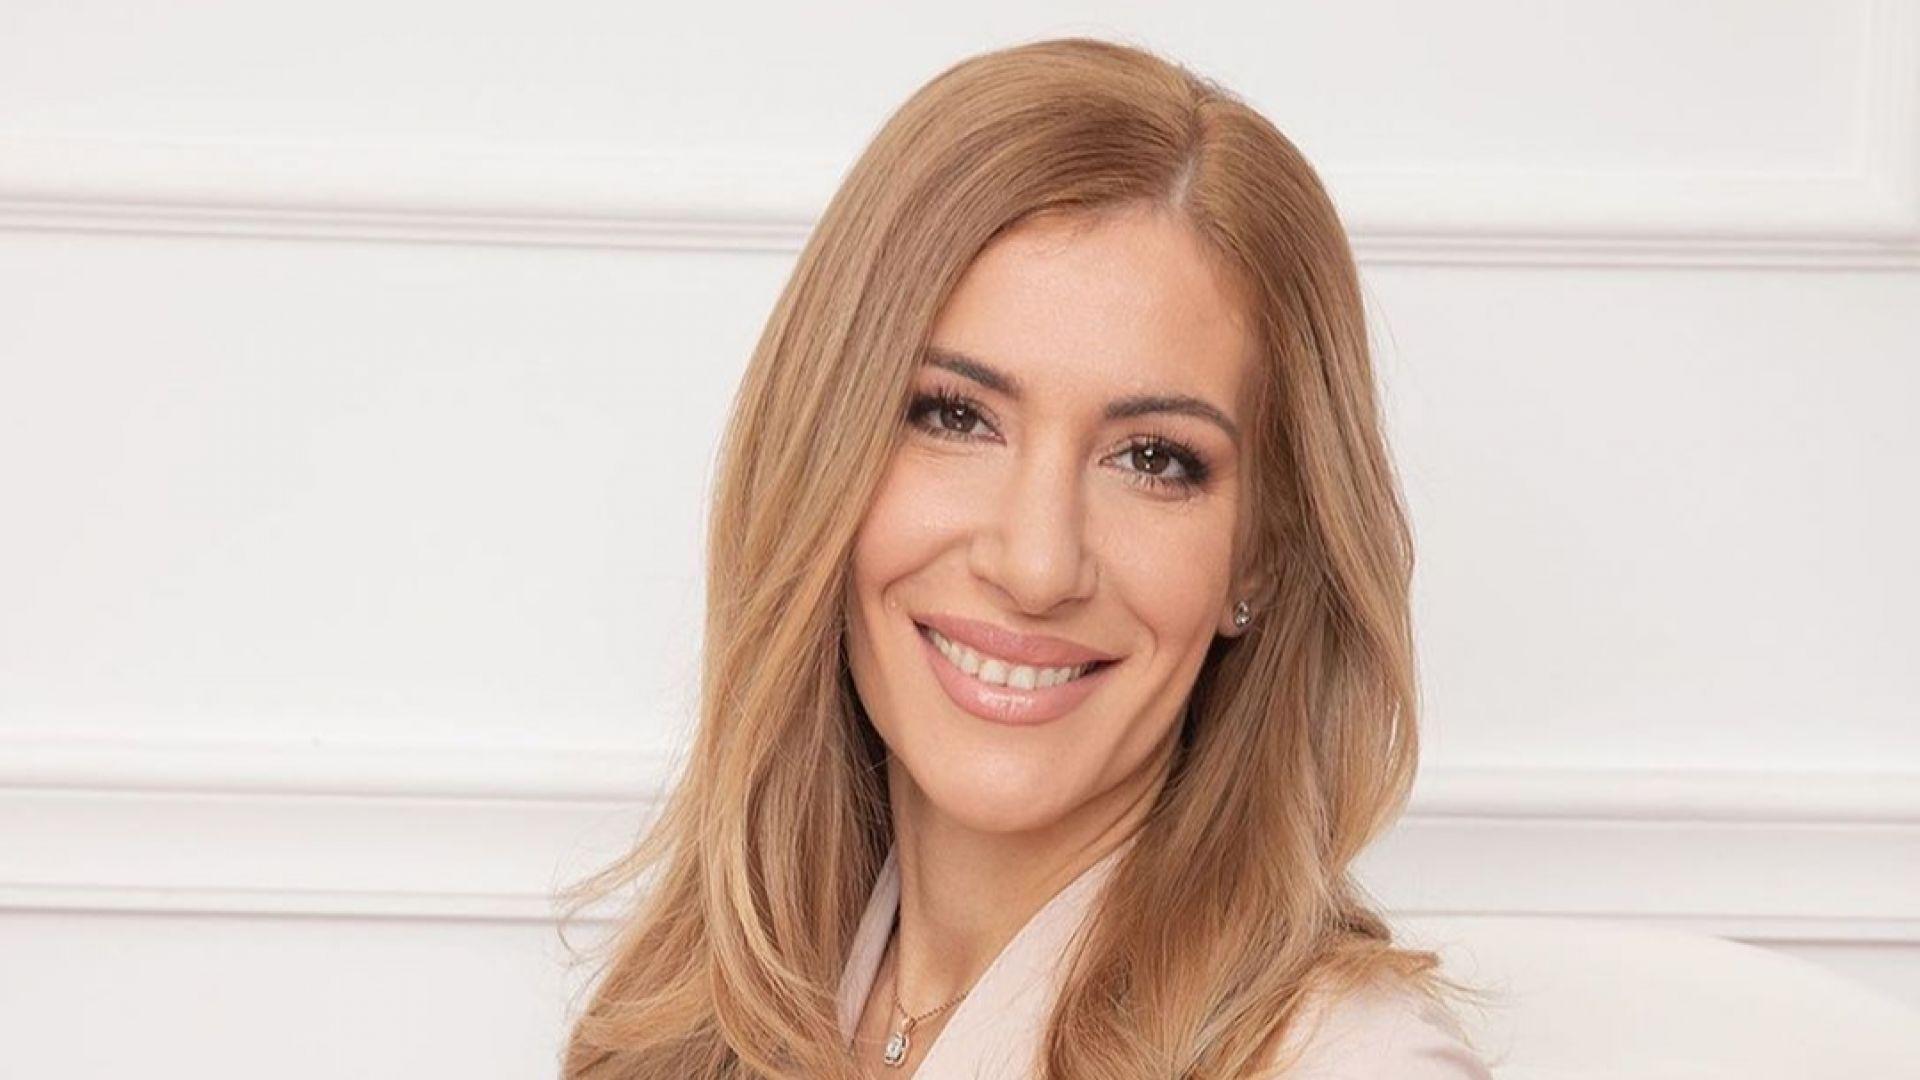 След операцията на носа - мрежата сравни Ангелкова с Гала